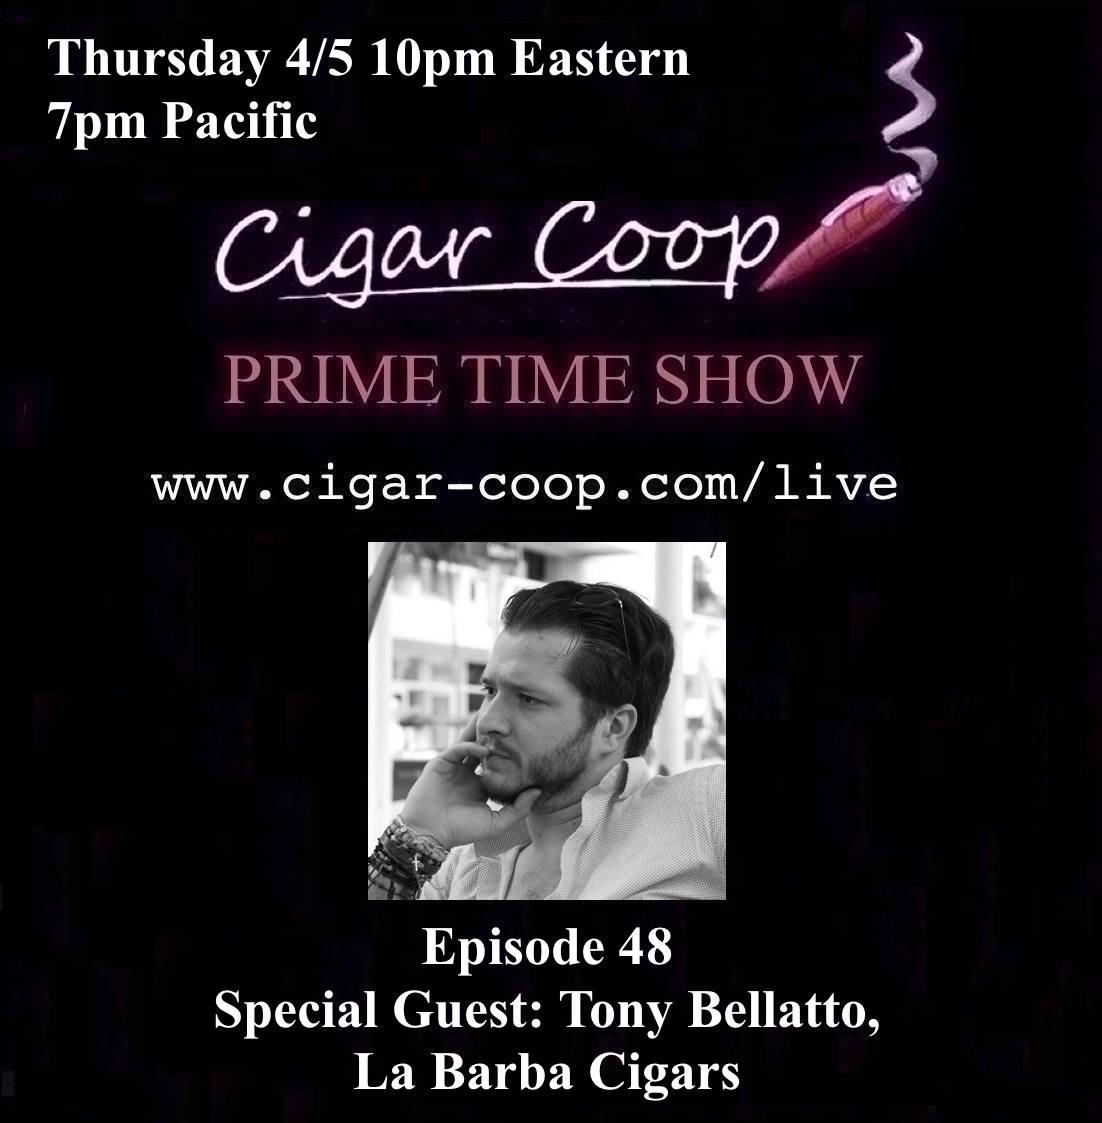 Announcement: Prime Time Show Episode 48 – Tony Bellatto, La Barba Cigars; 4/5/18 10pm Eastern, 7pm Pacific